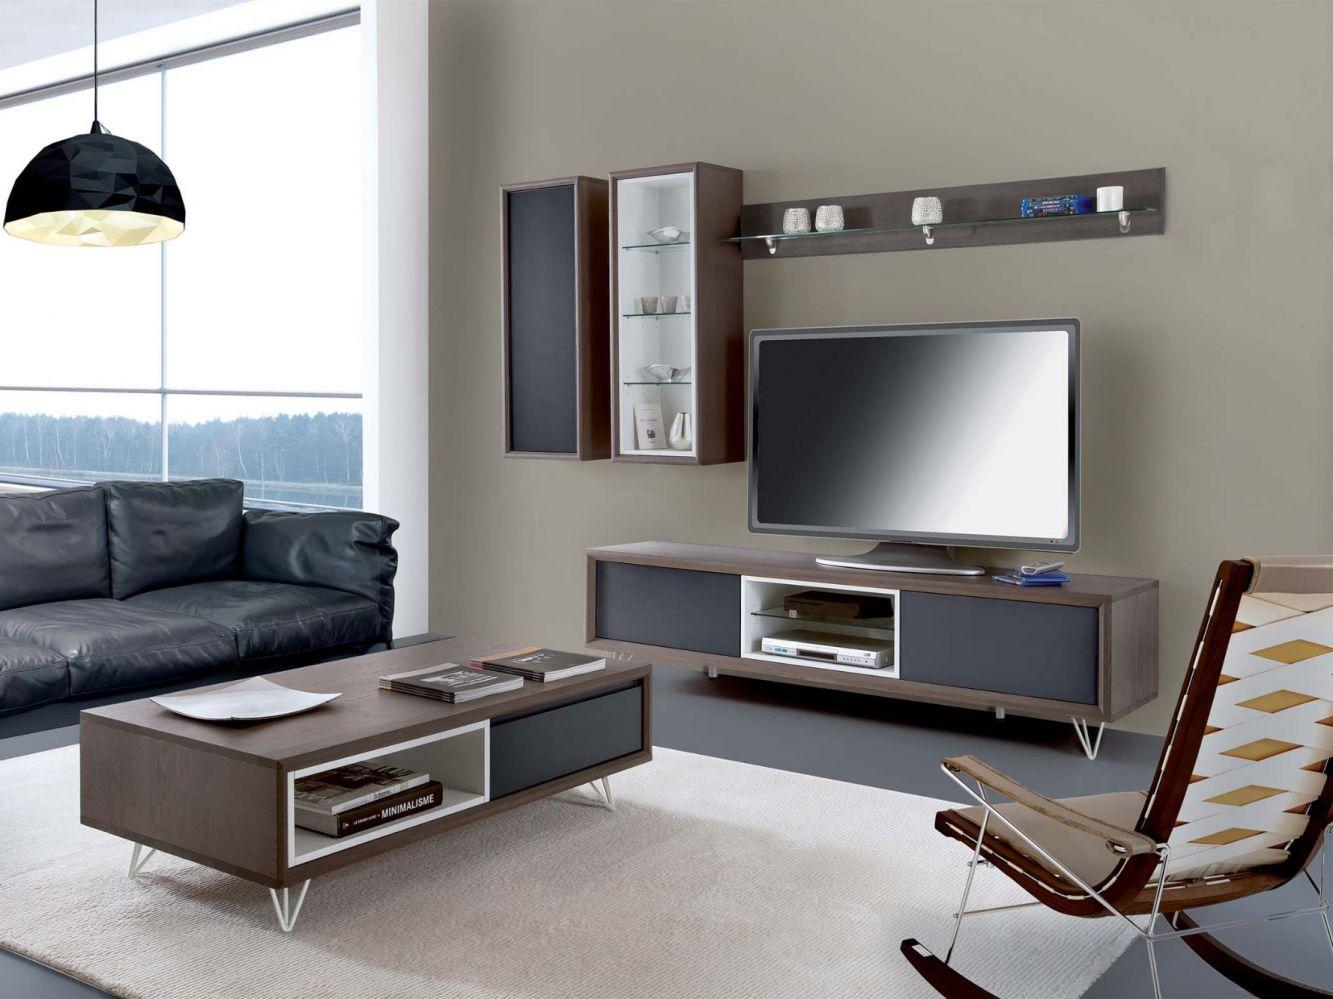 Girardeau fabricant de meubles en france depuis 1933 meuble et d coration marseille - Fabricant de meuble en france ...